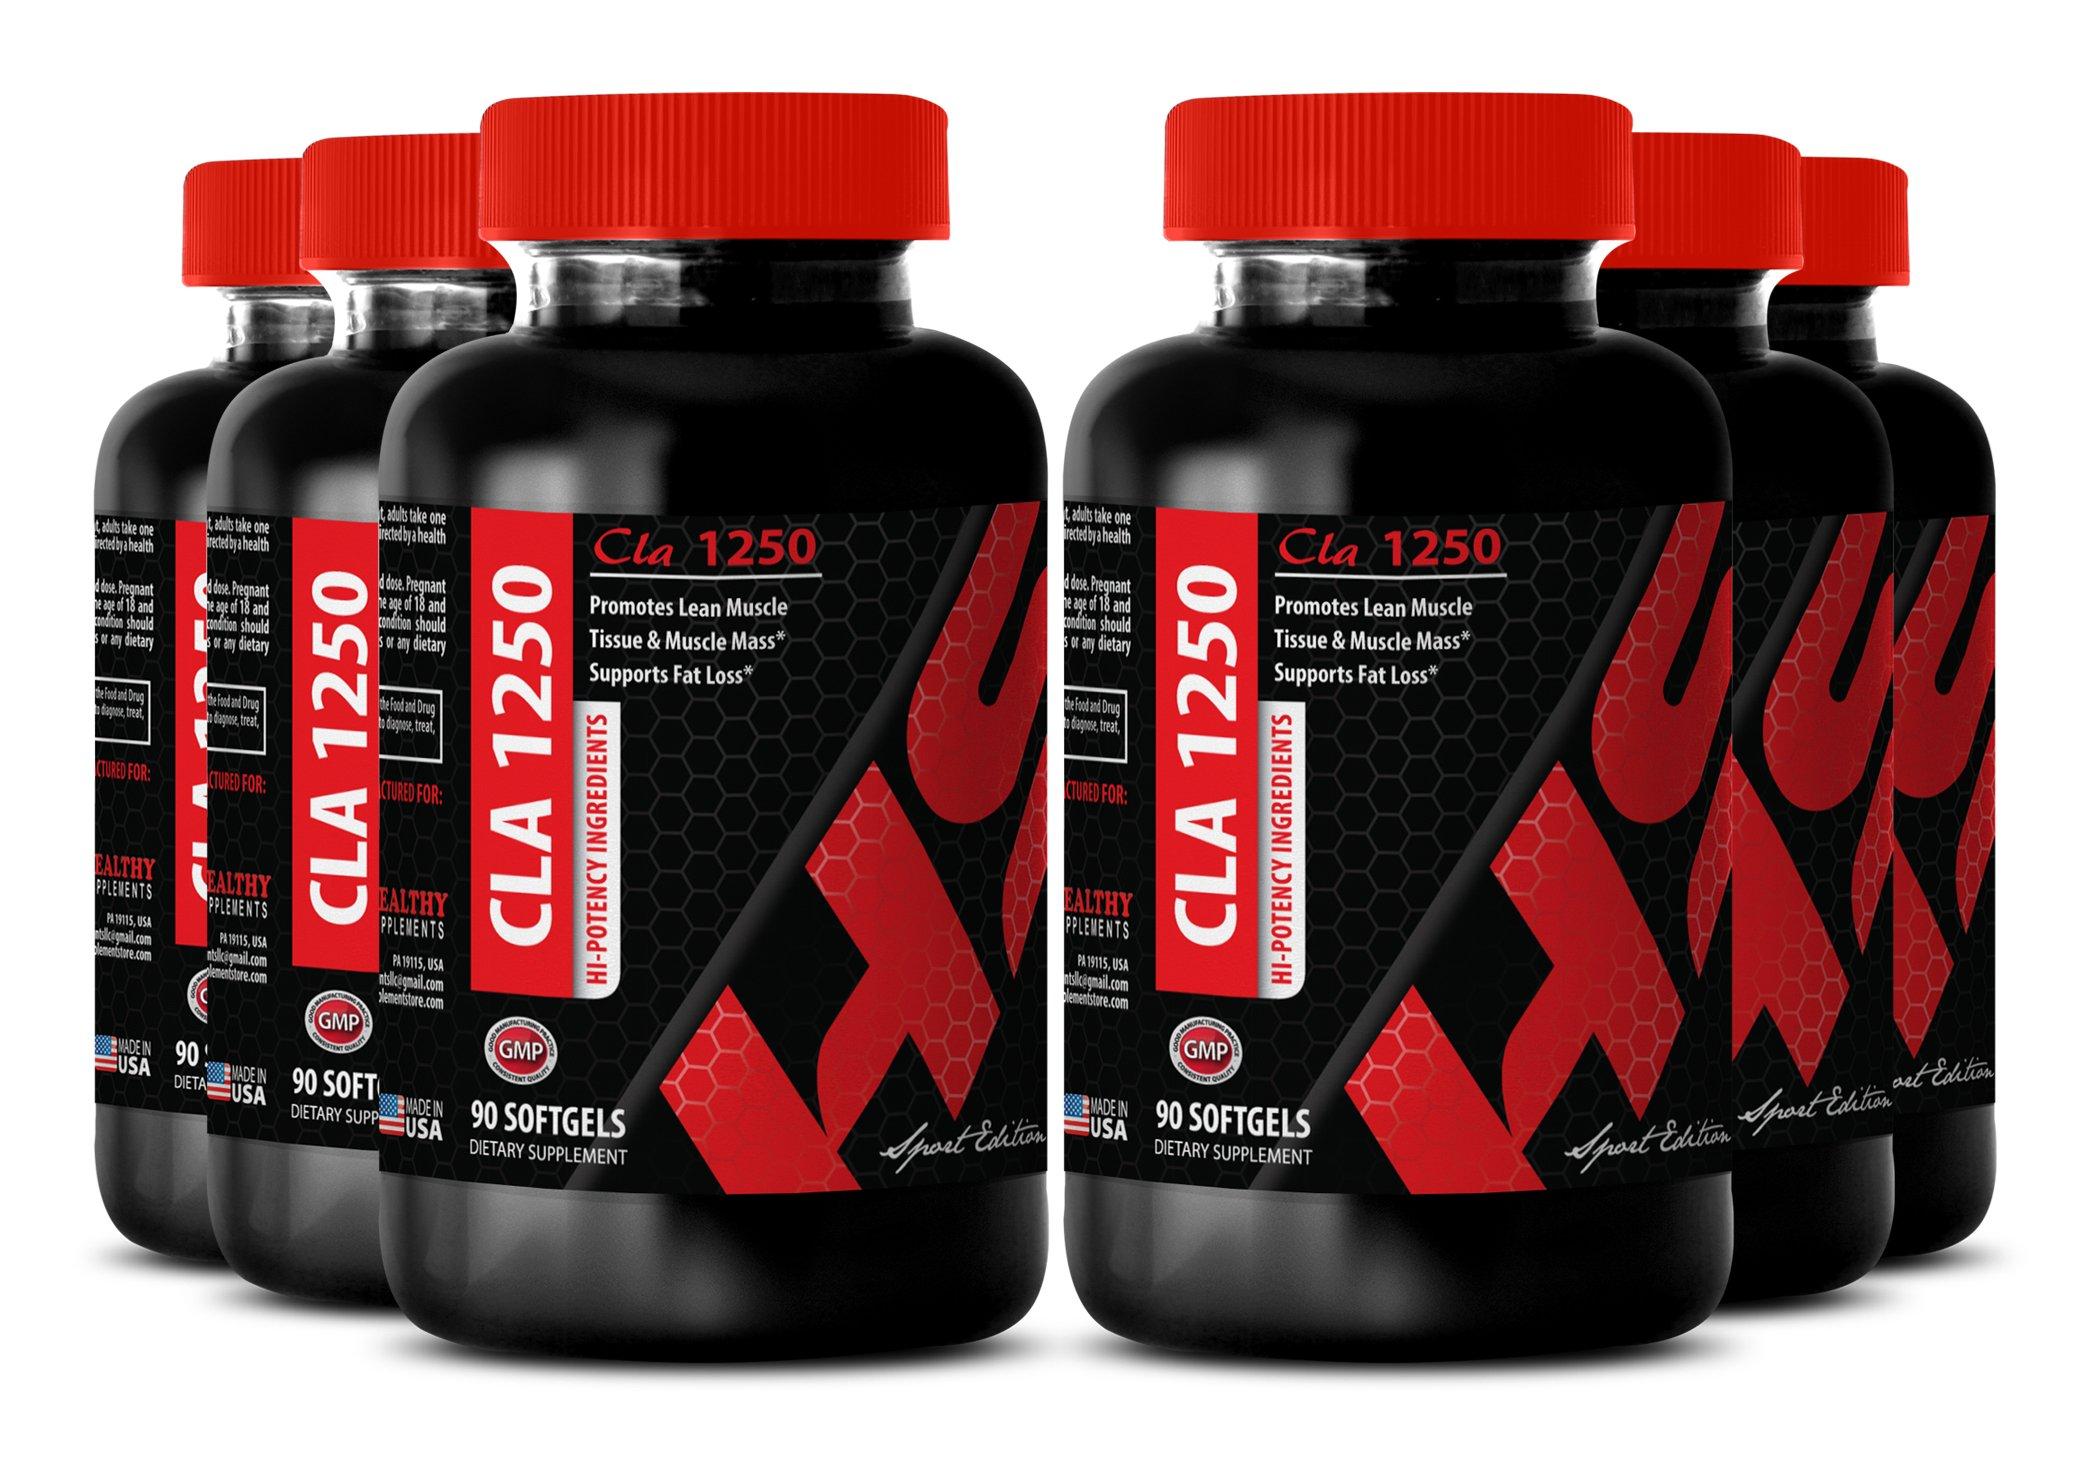 Cla lean body - CONJUGATED LINOLEIC ACID CLA 1250 MG - help burn fat (6 Bottles) by Healthy Supplements LLC